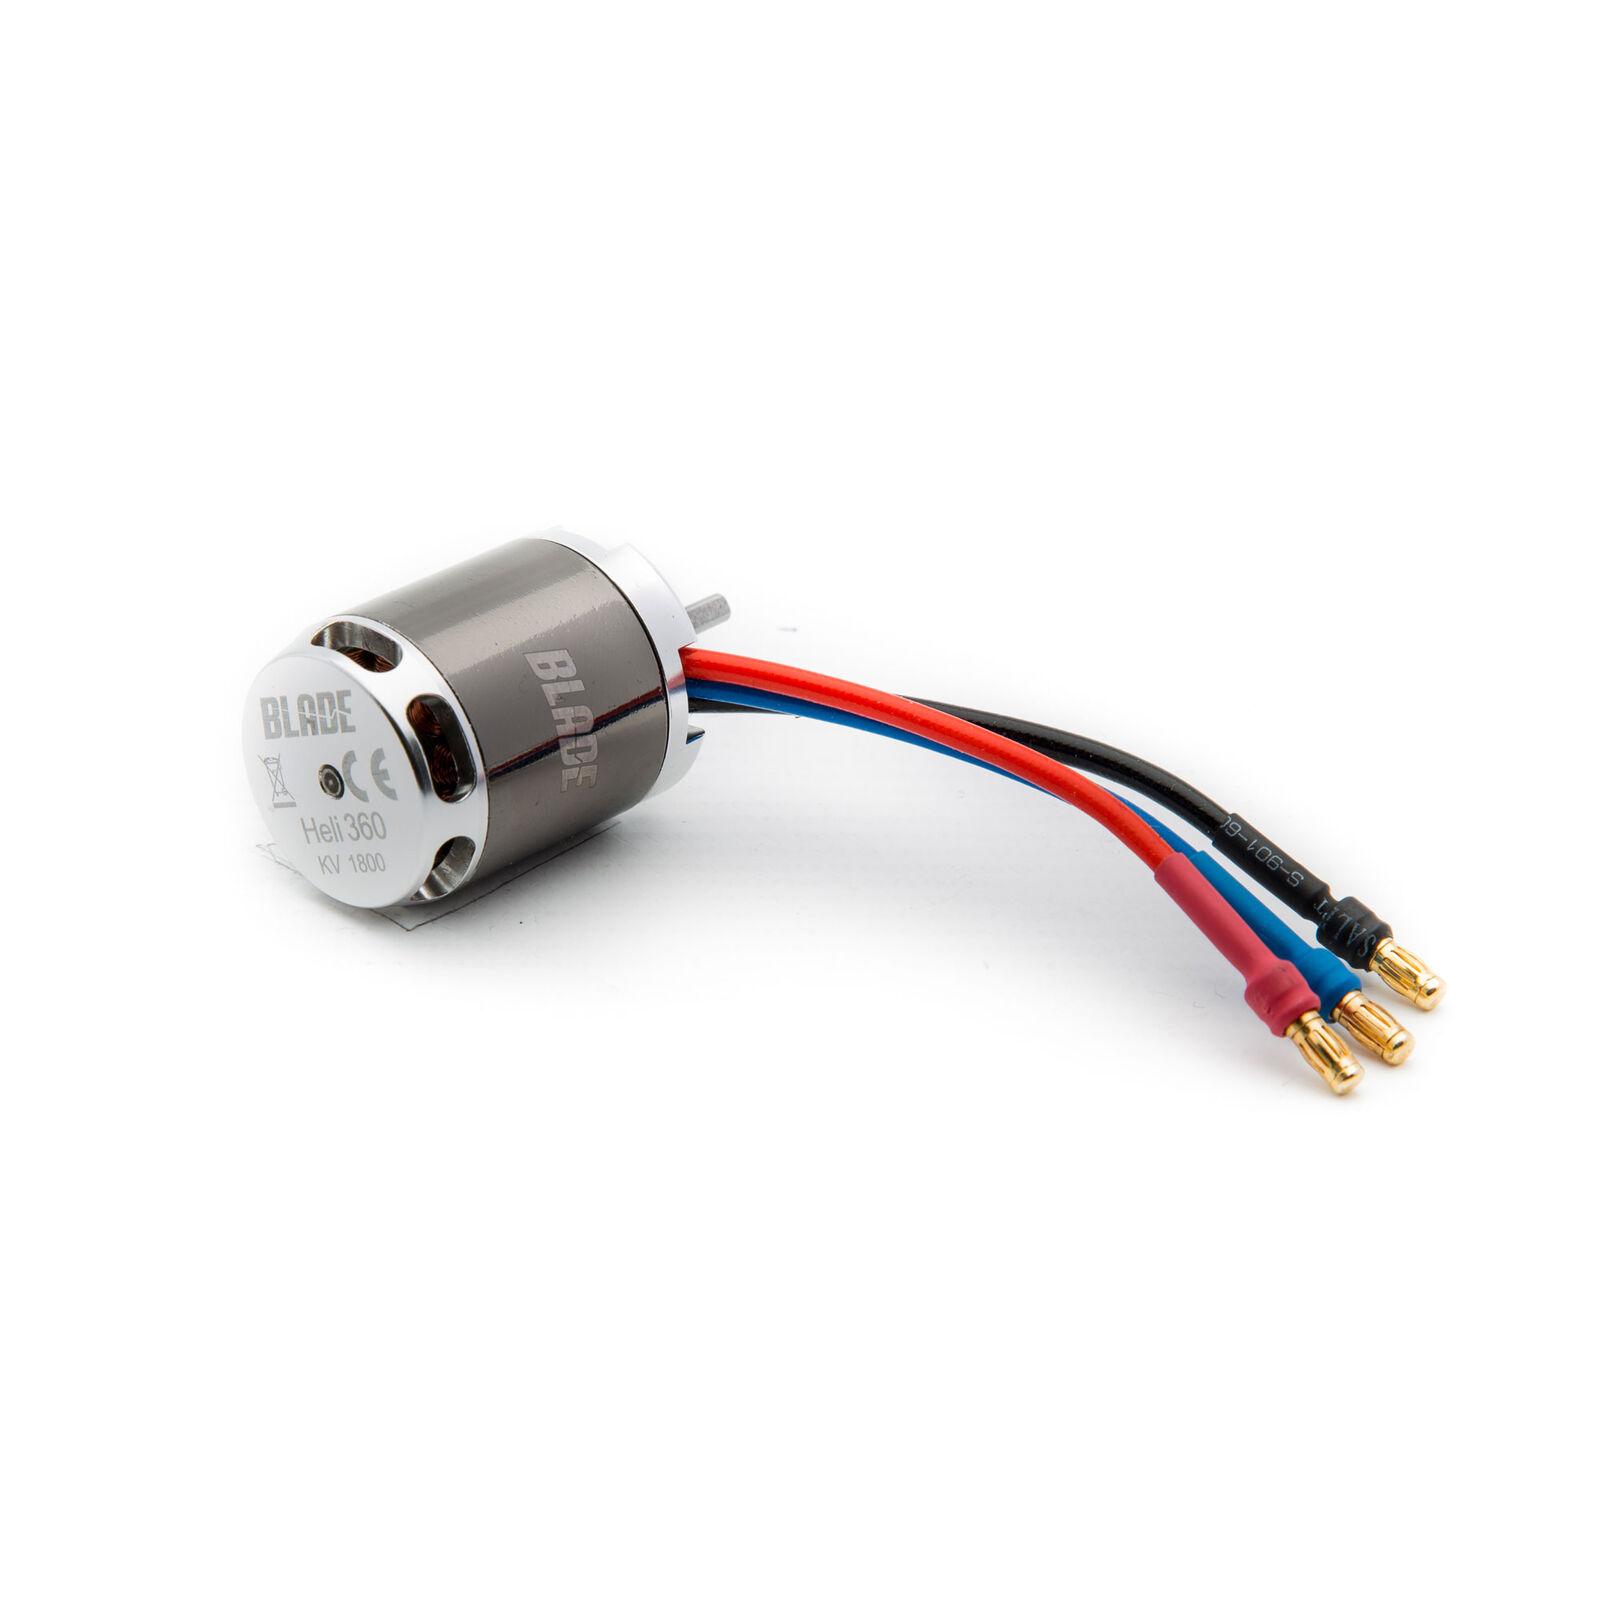 Brushless Outrunner Motor, 1800Kv: 360 CFX